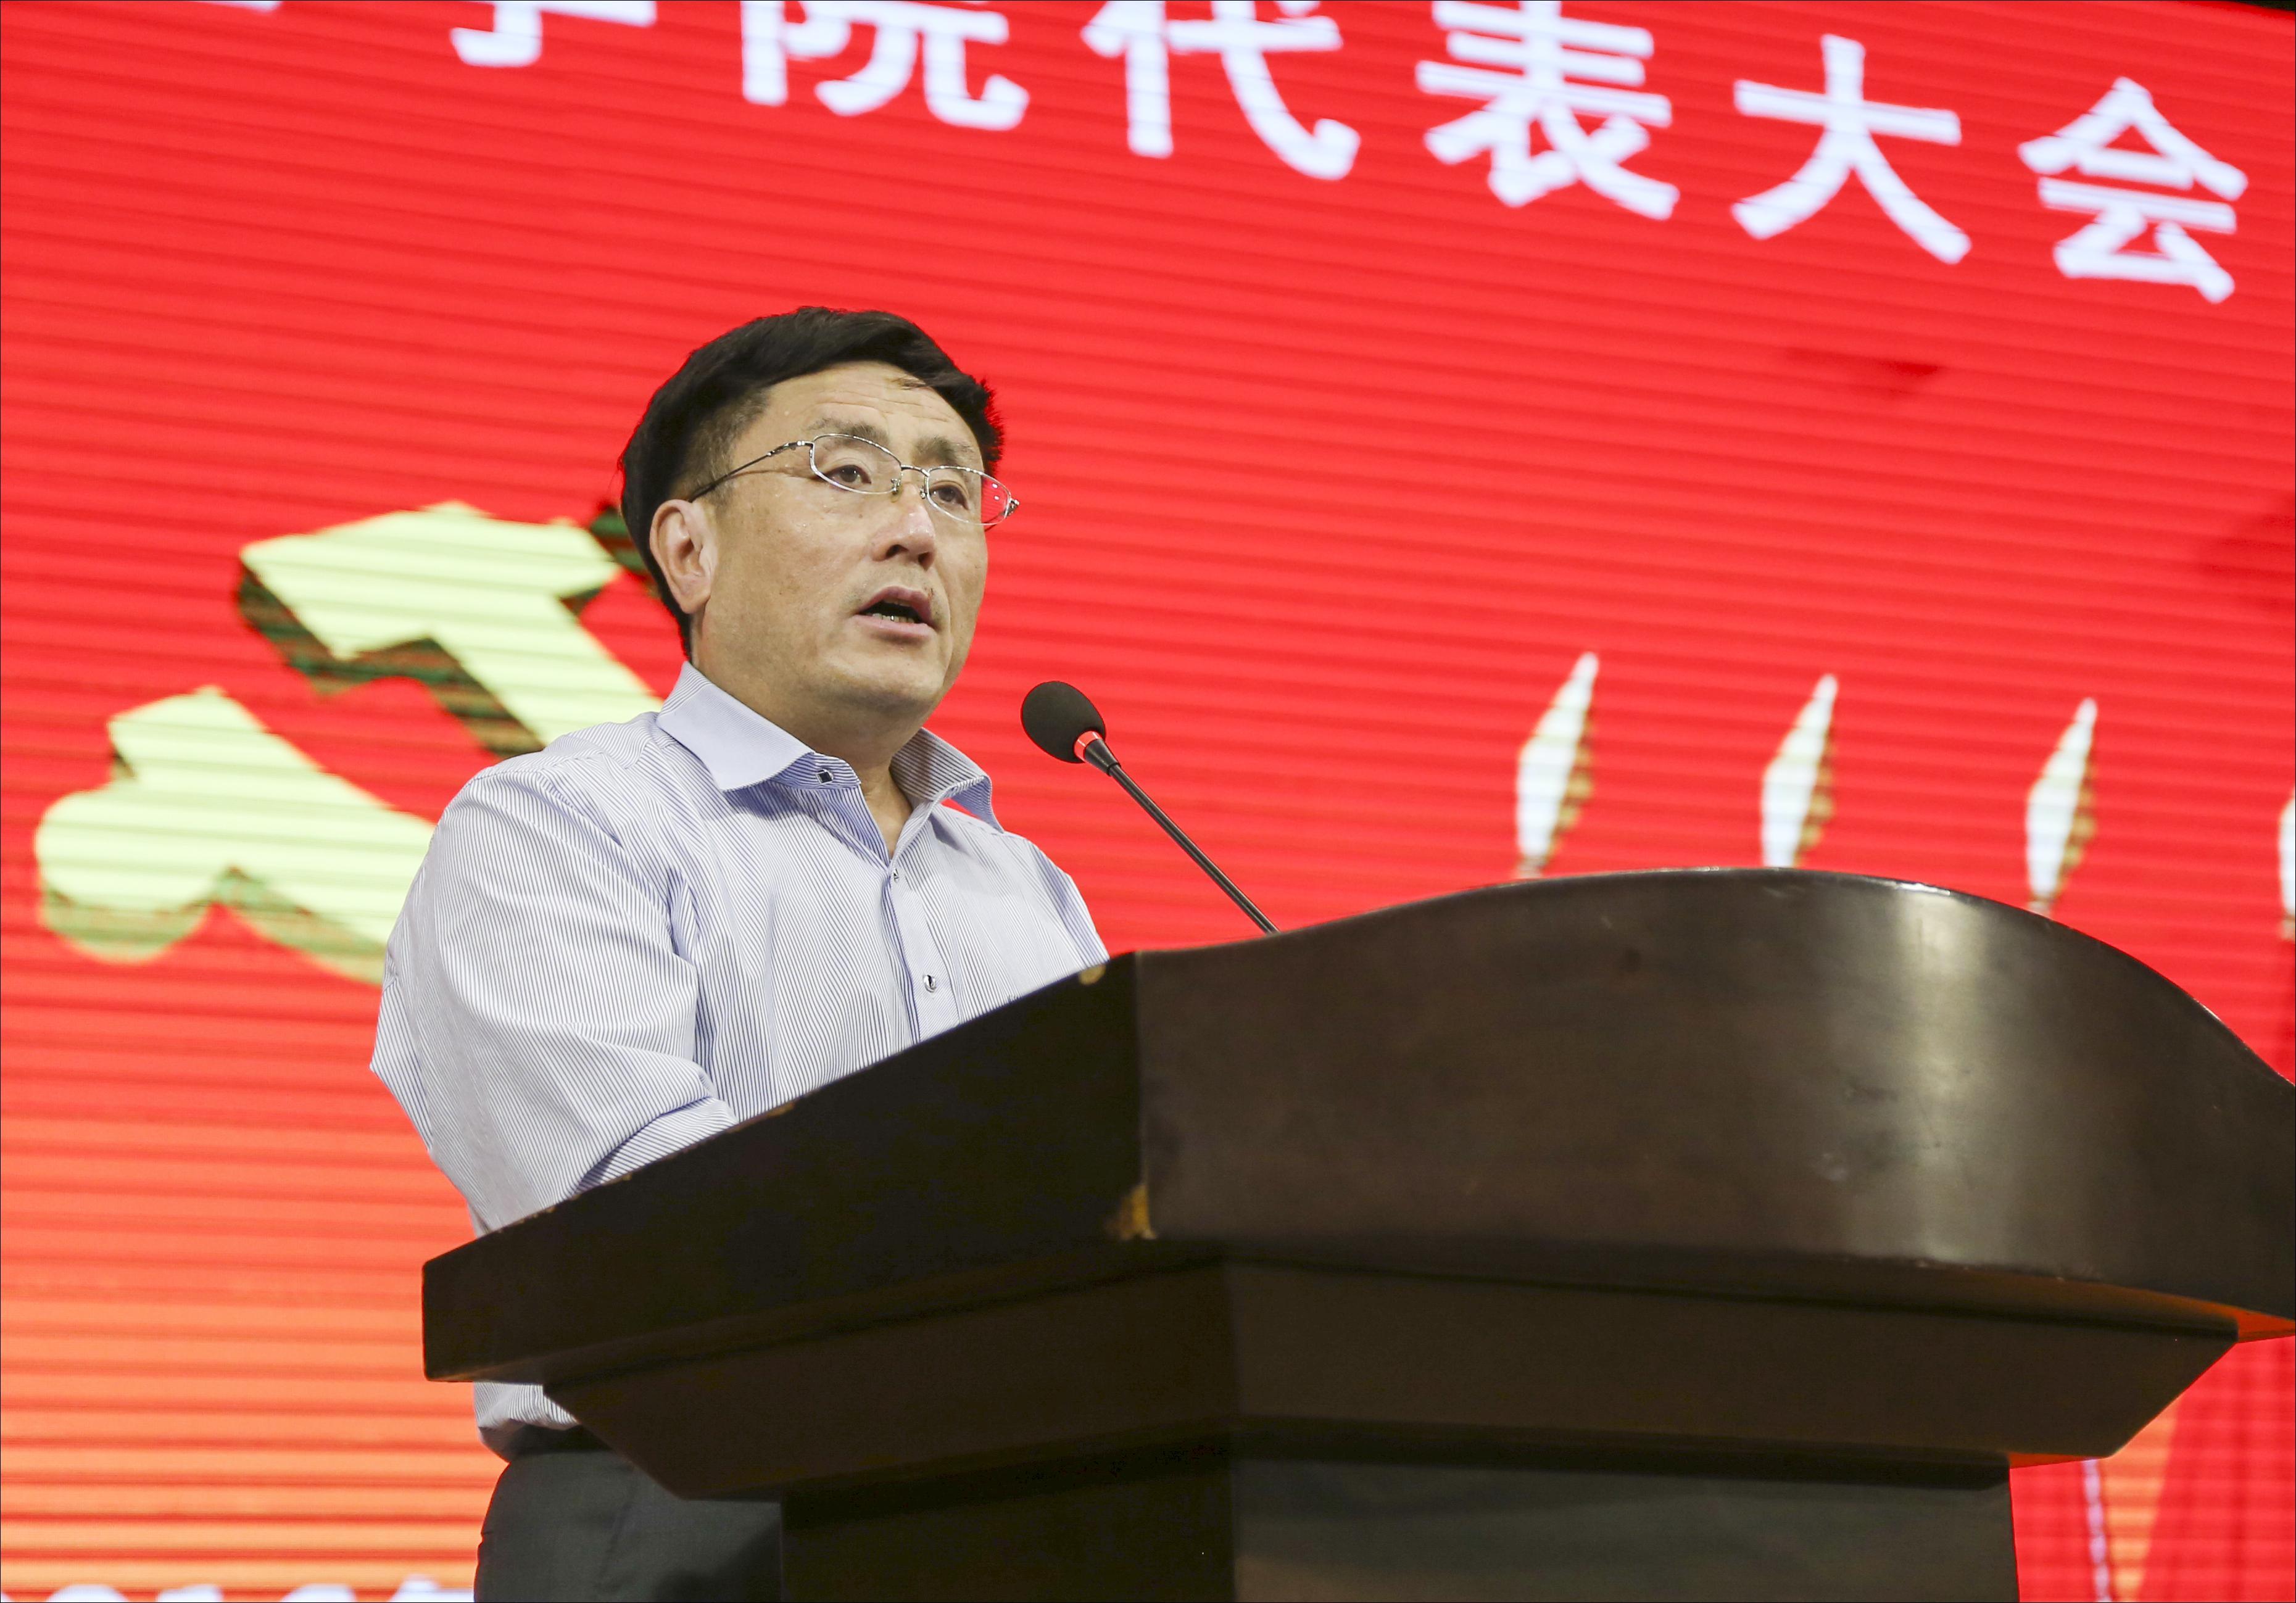 中共沈阳工学院代表大会胜利召开-沈阳工学院校报电子版